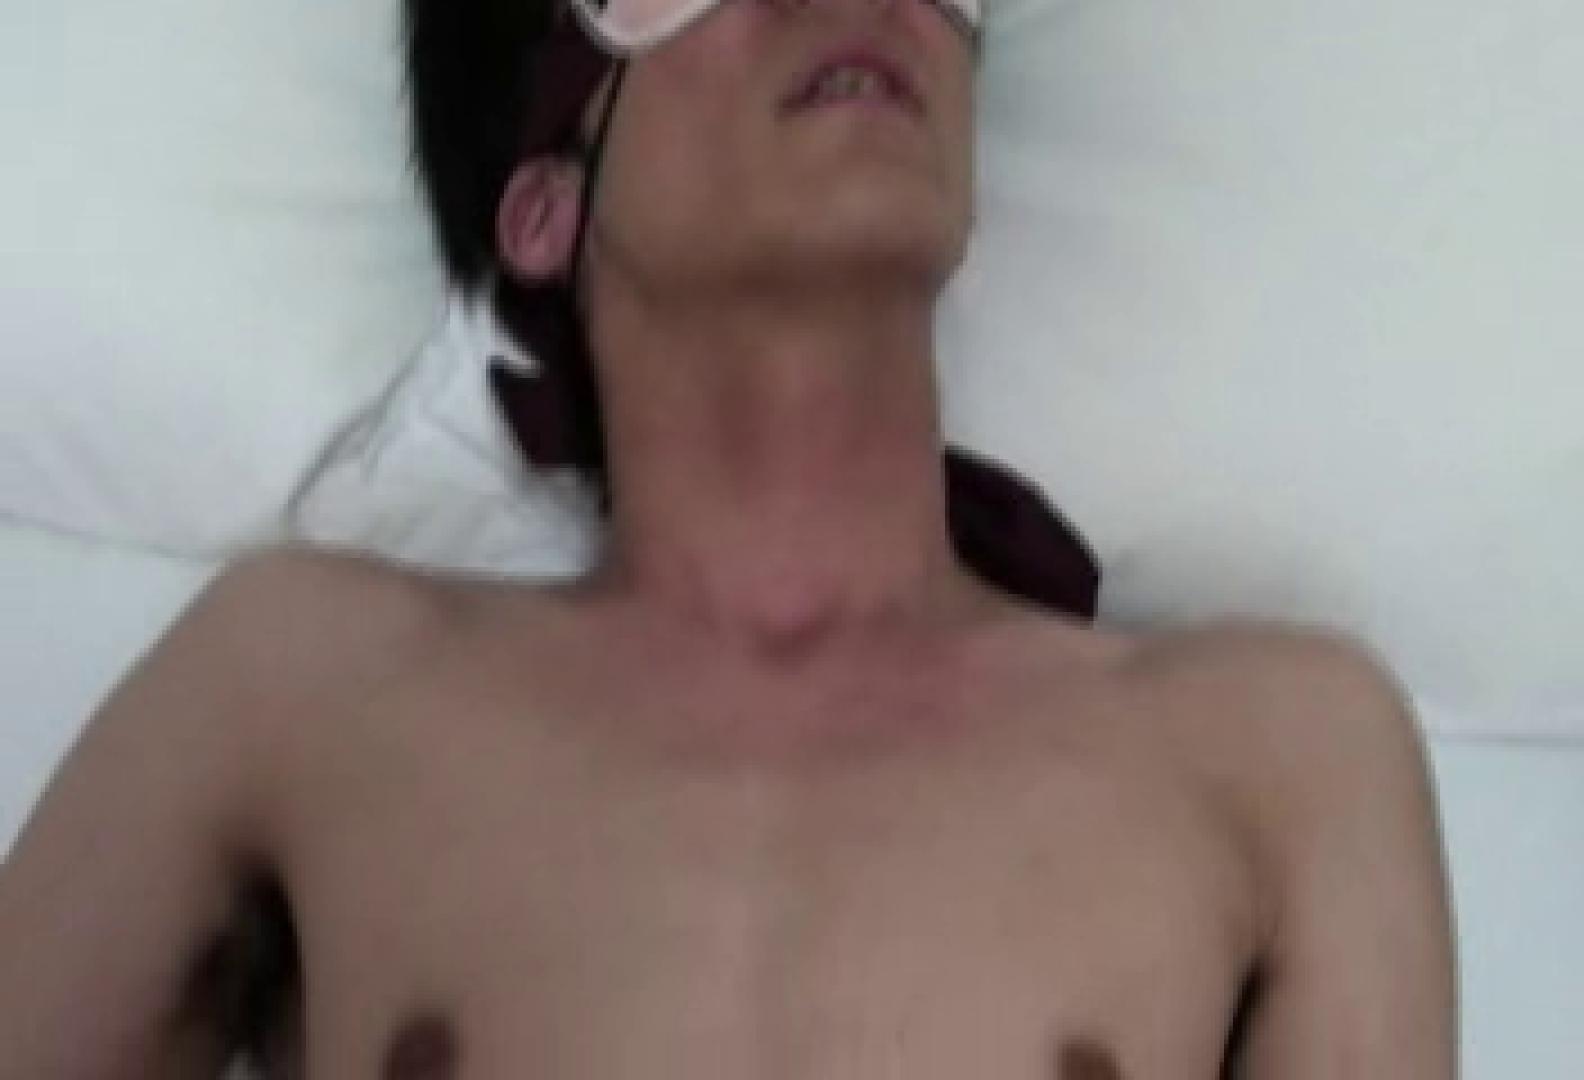 アイマスクでおもいっきり性感帯!!vol.03 前立腺 ゲイアダルト画像 84pic 65